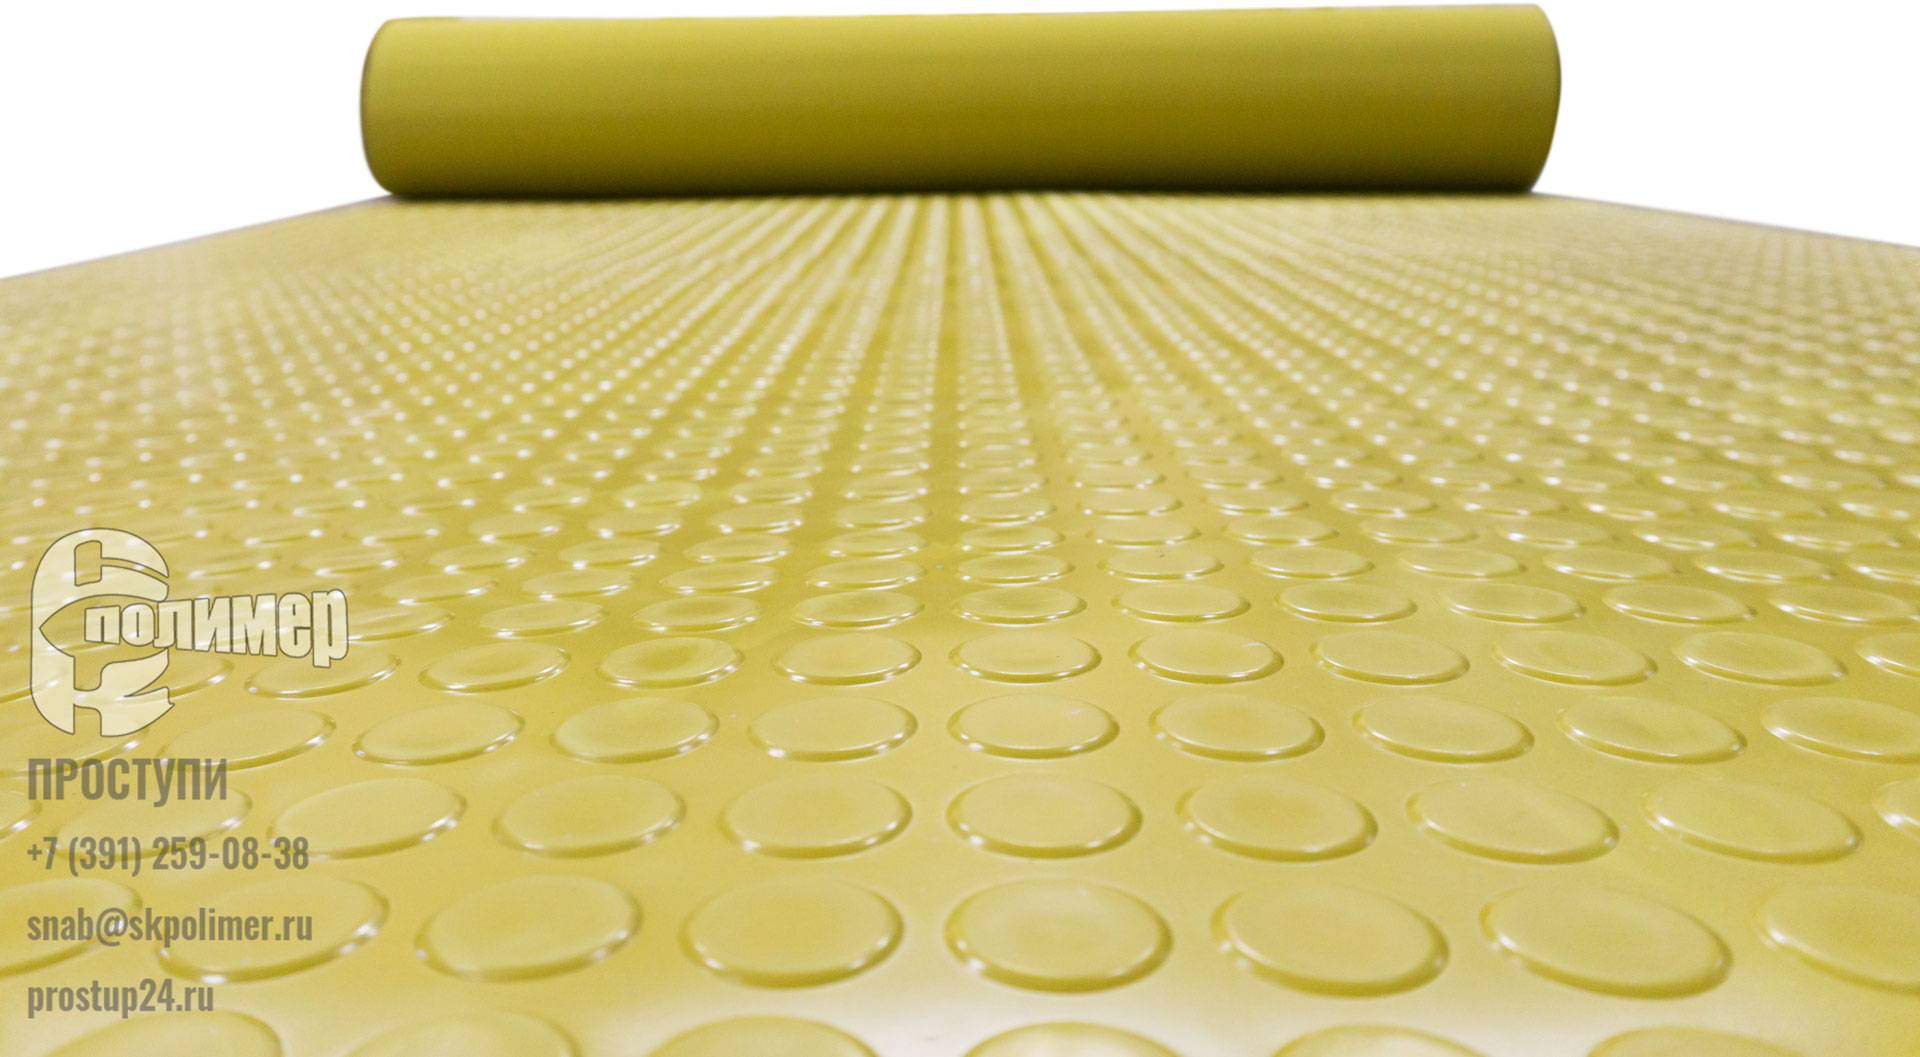 рифленое покрытие резиновое купить